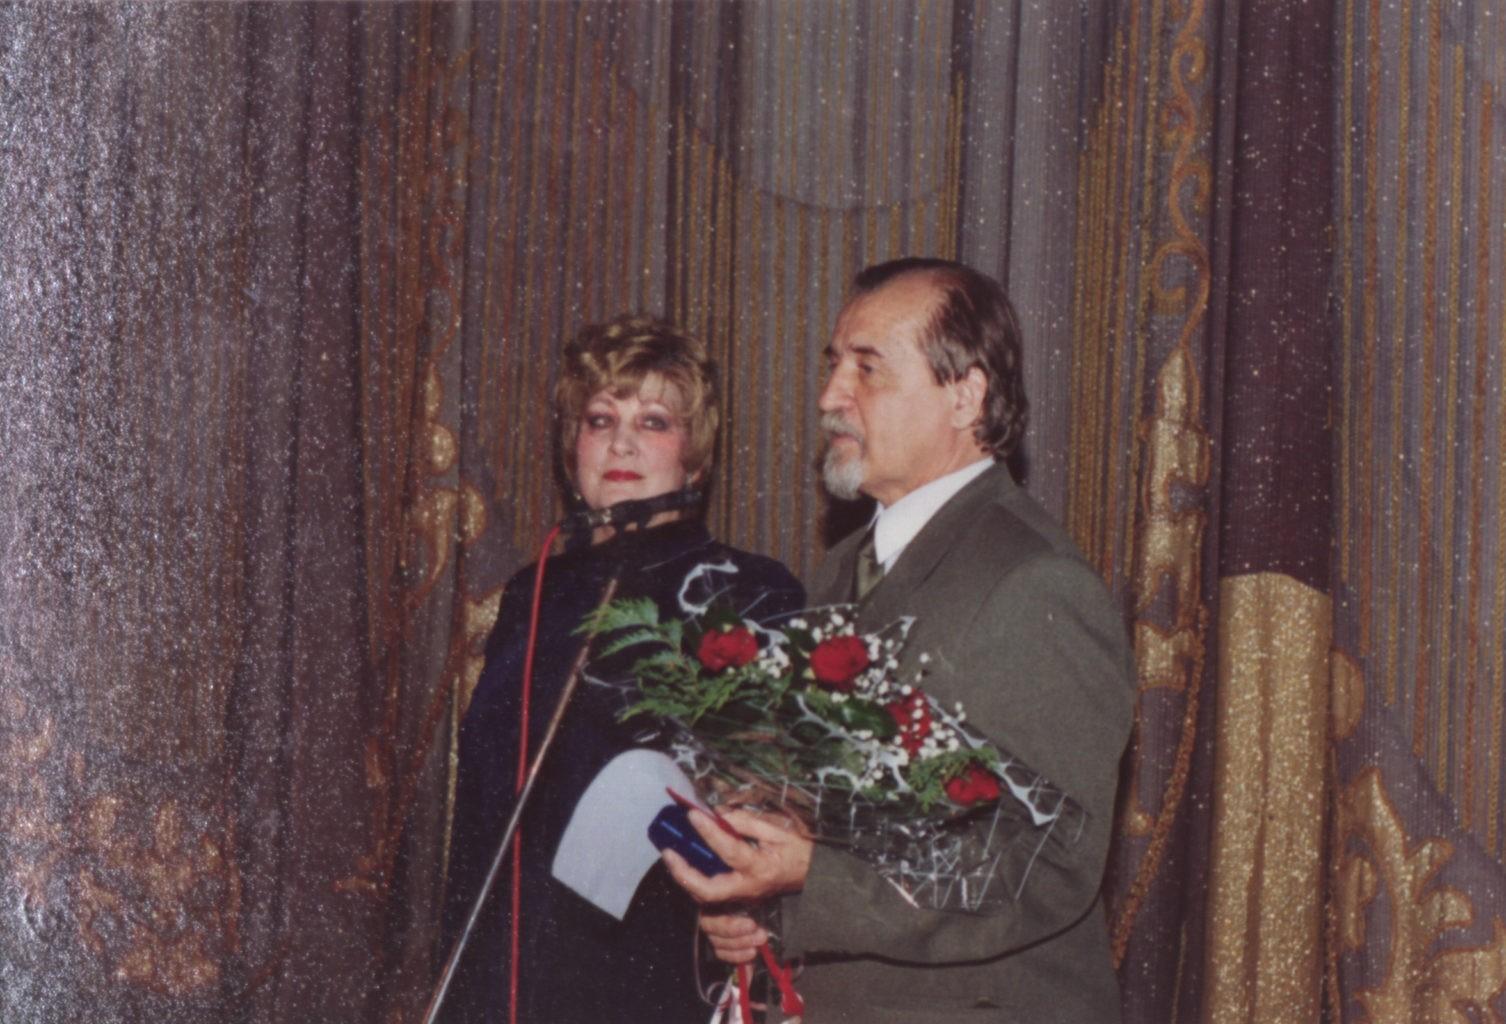 Бенефис С. Царёвой (С. Царёва, В. Бедин, начальник департамента культуры Кемеровской области), 27 марта 2004 г.: фотография